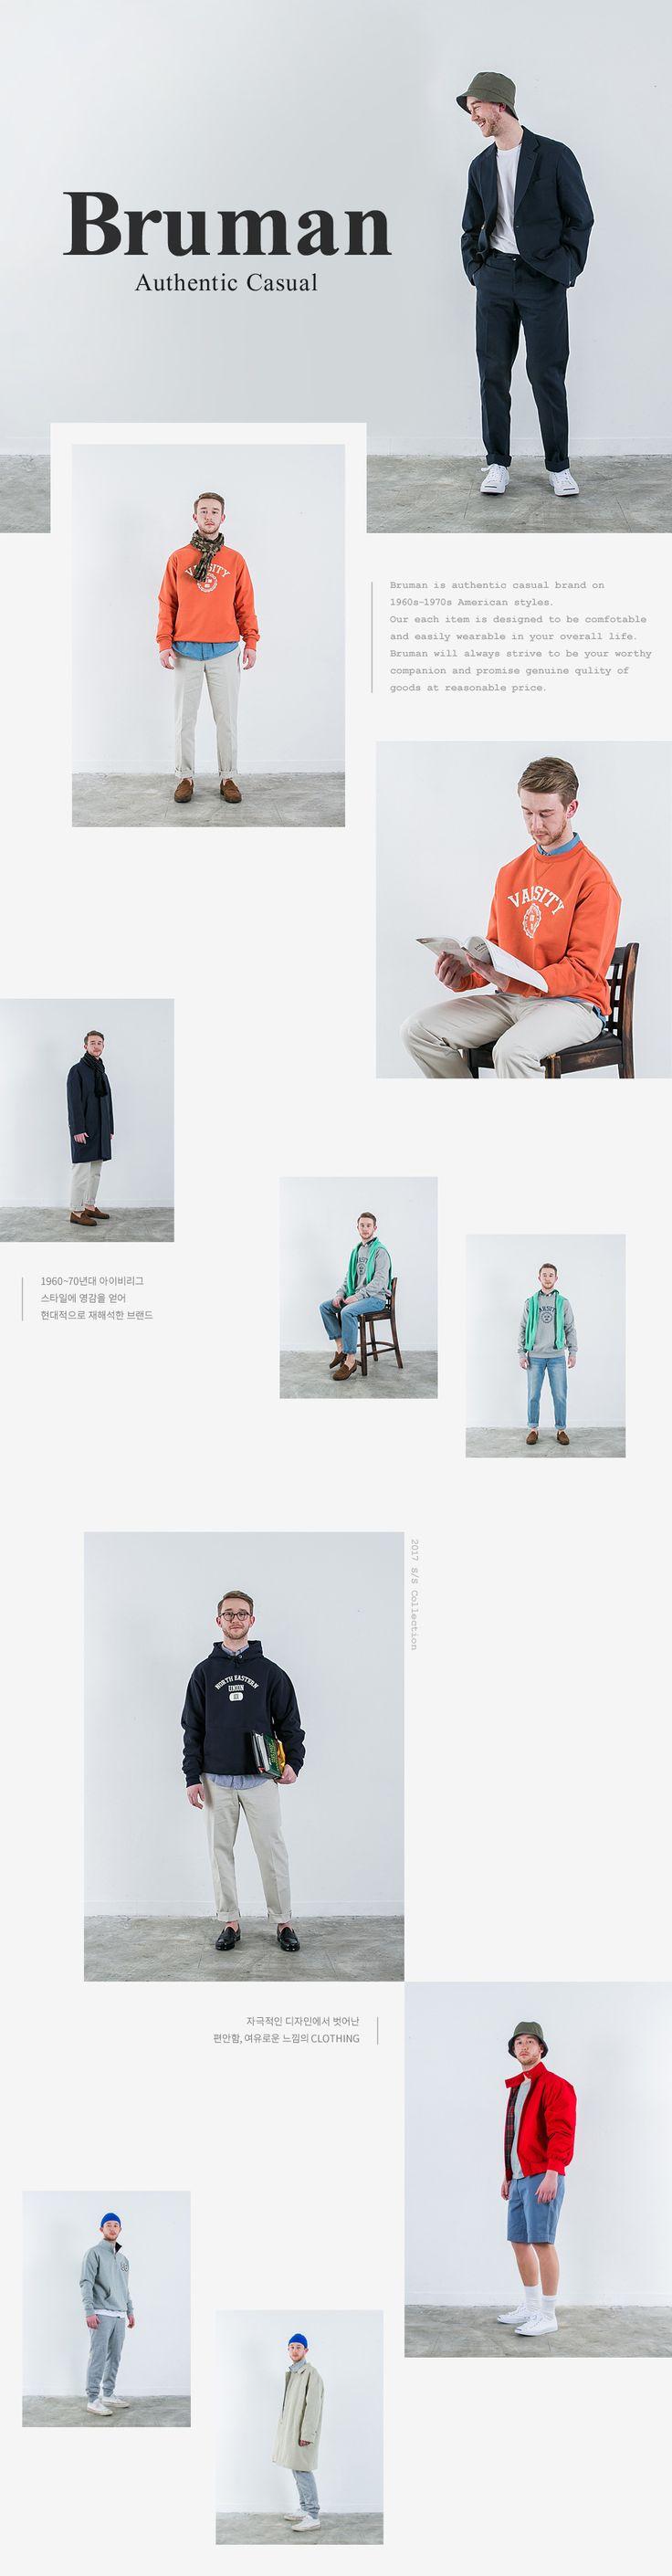 WIZWID:위즈위드 - 글로벌 쇼핑 네트워크 17S/S BRUMAN 기획전 남성 패션